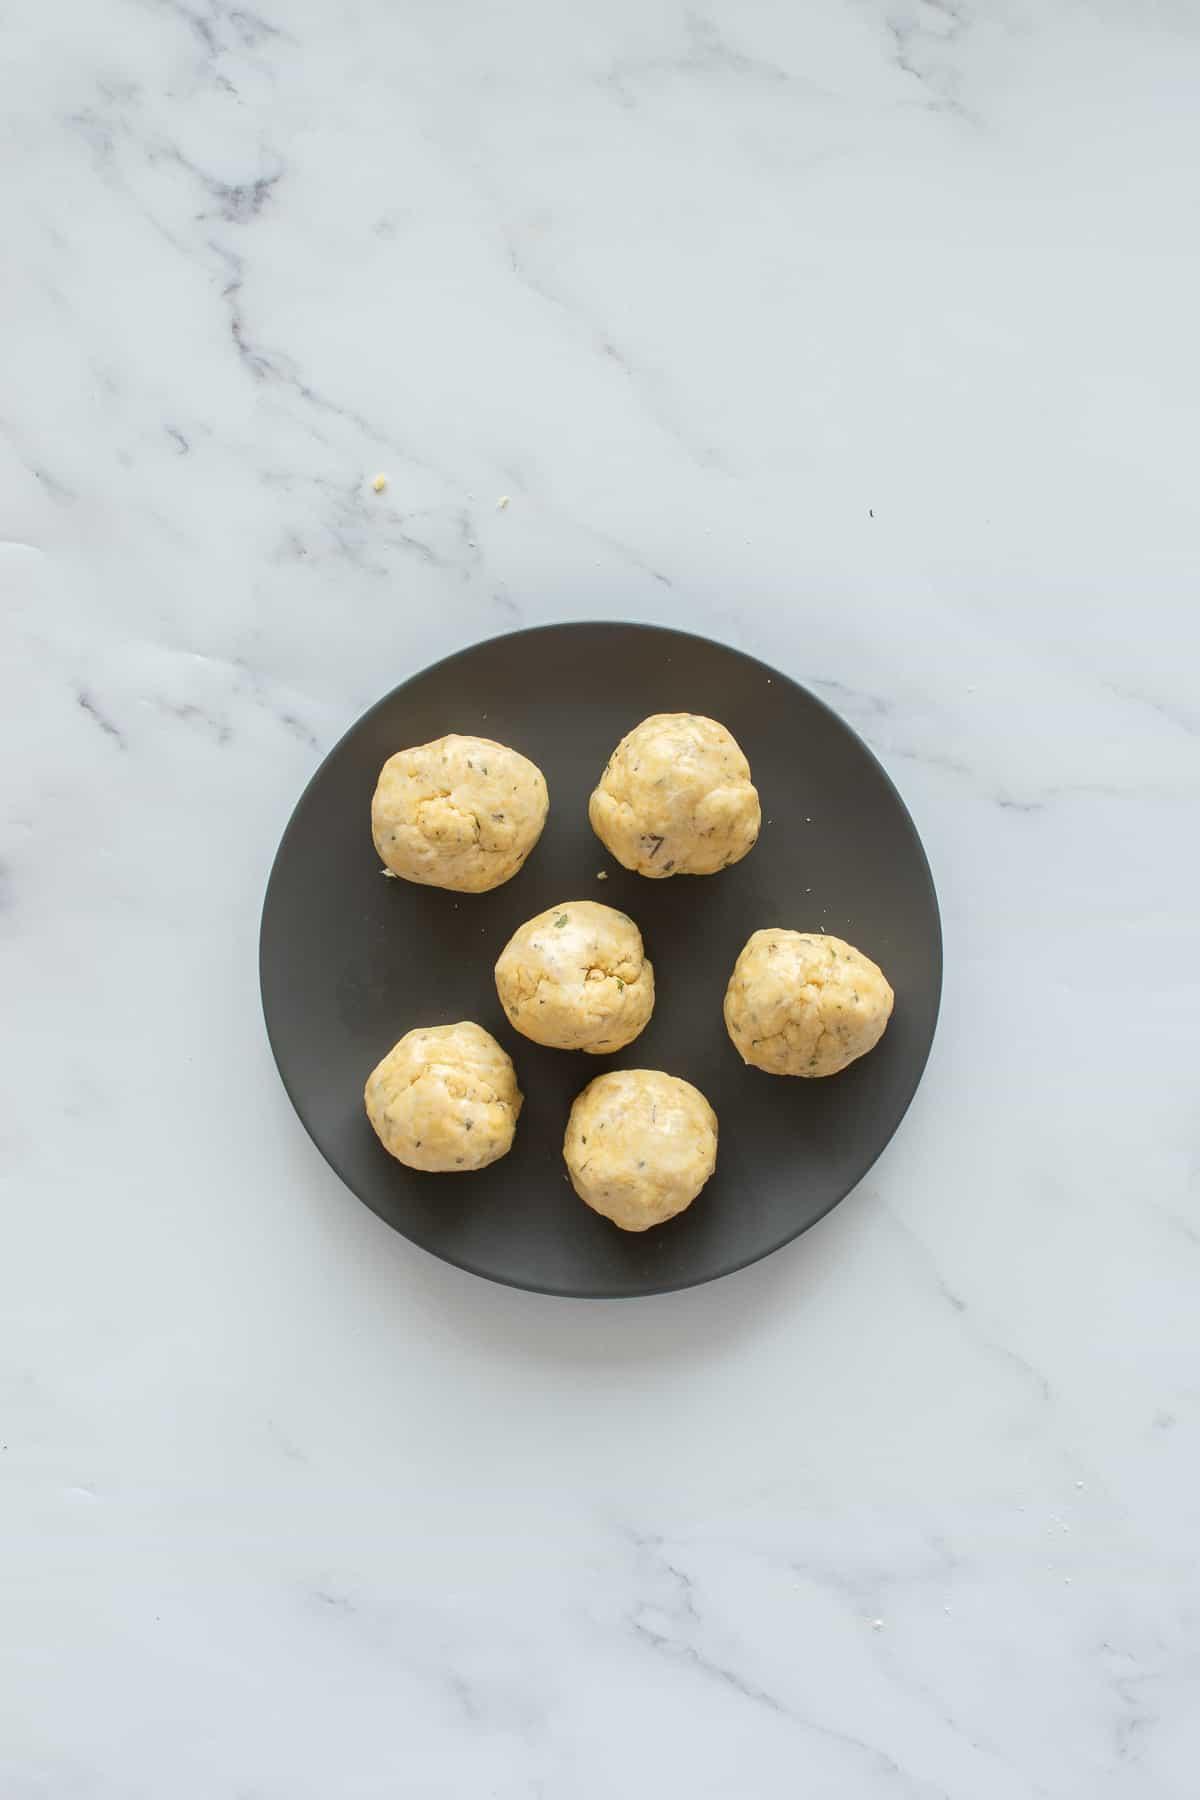 Raw dumplings on a plate.